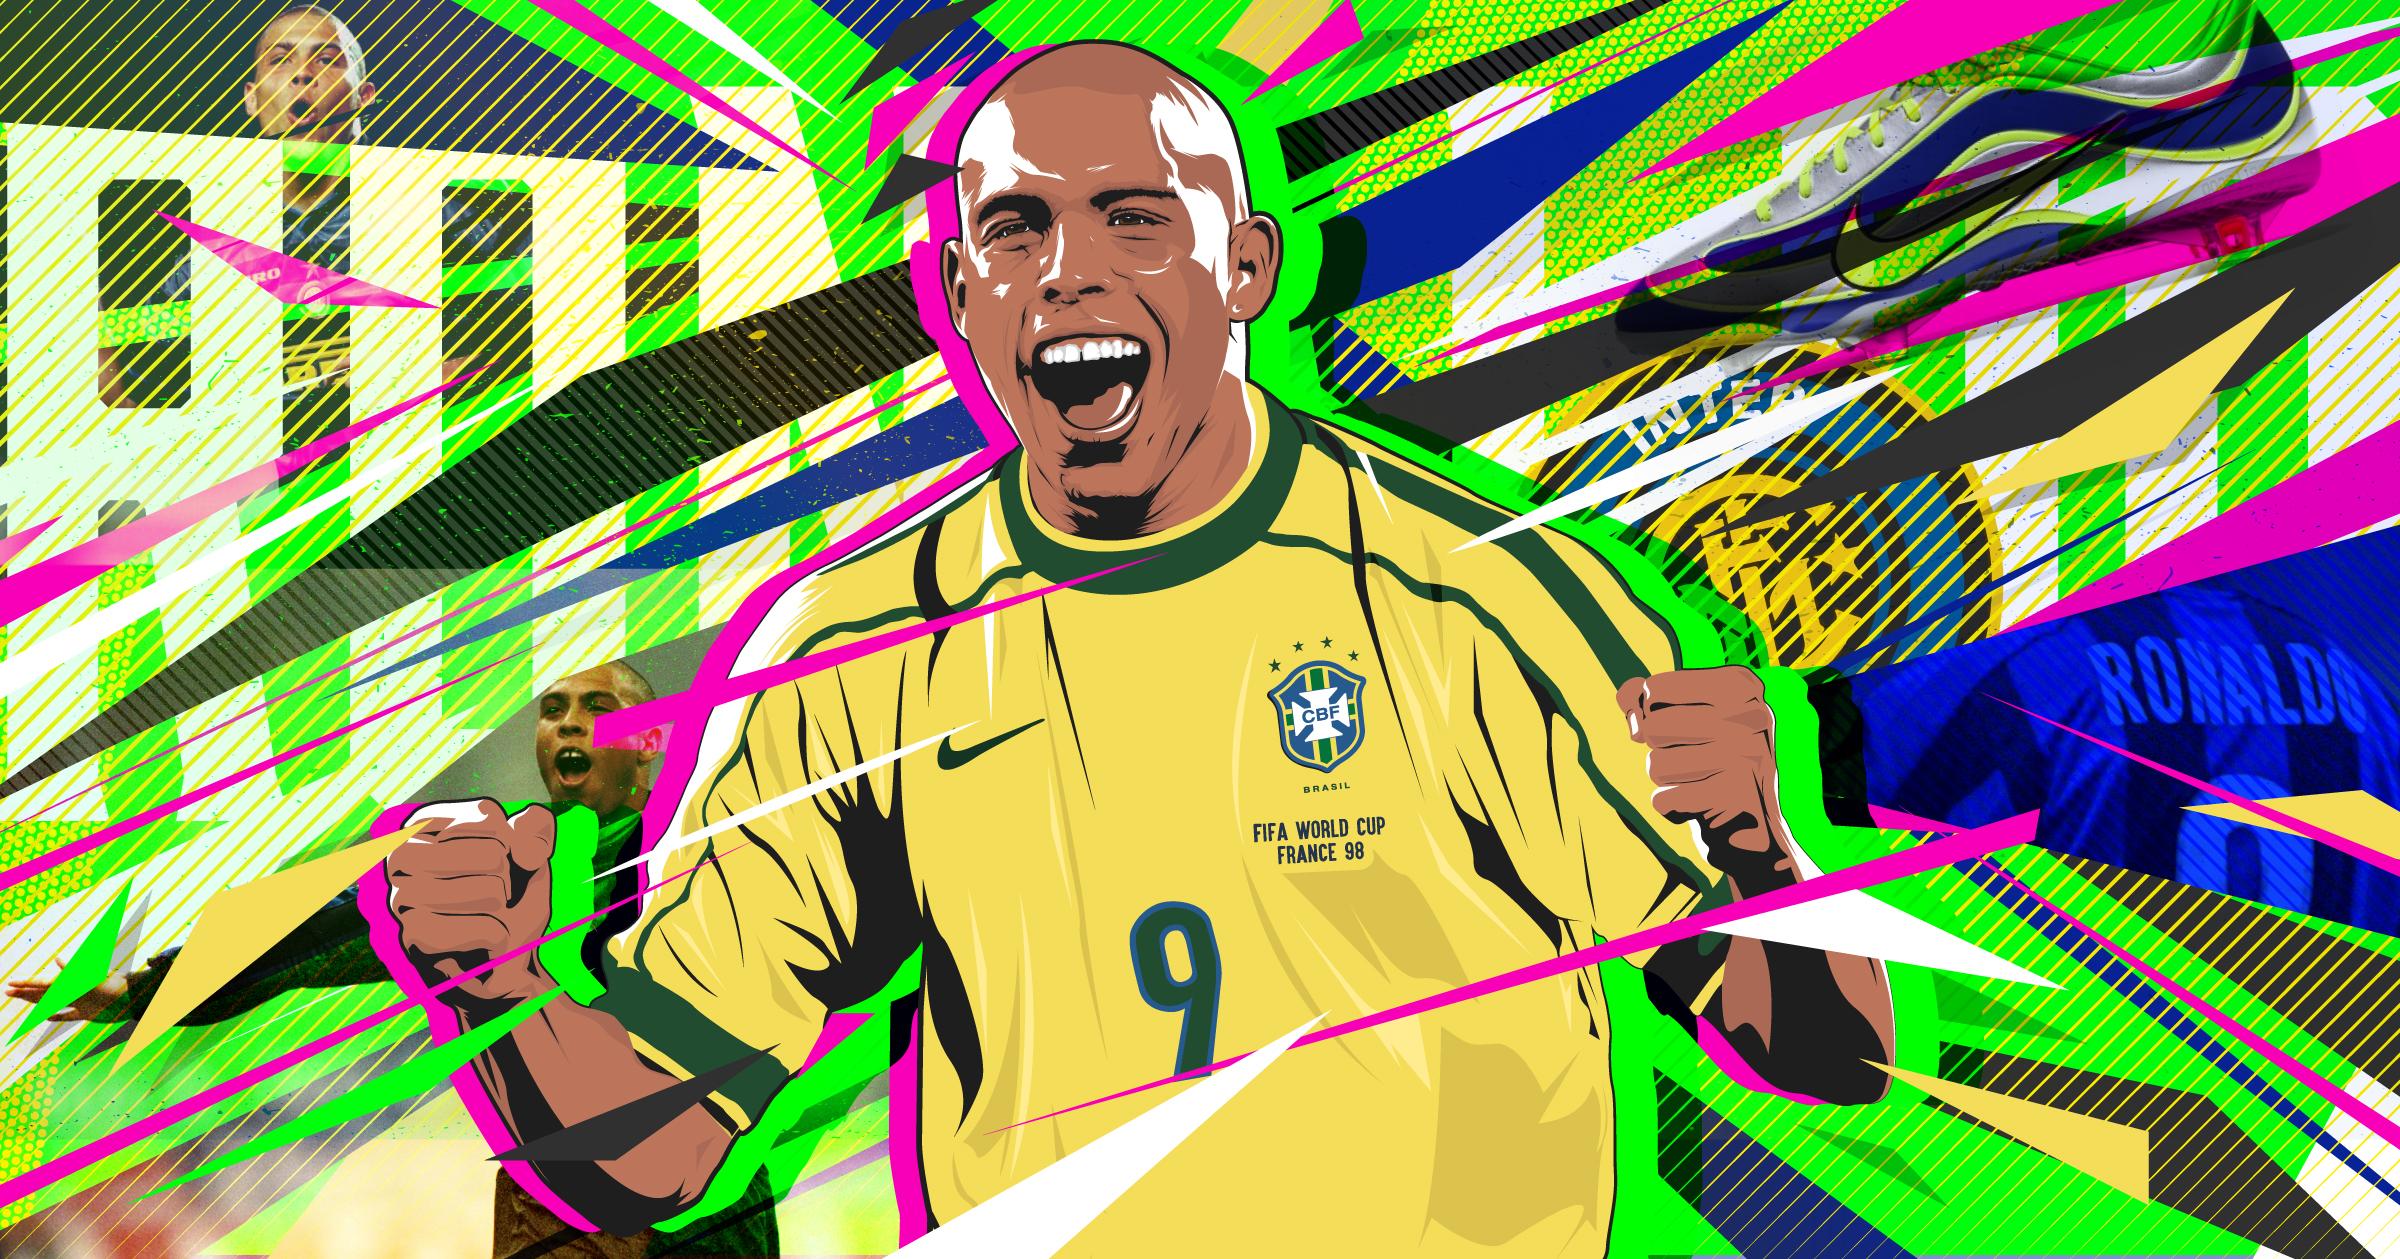 Ronaldo-Brazil-98